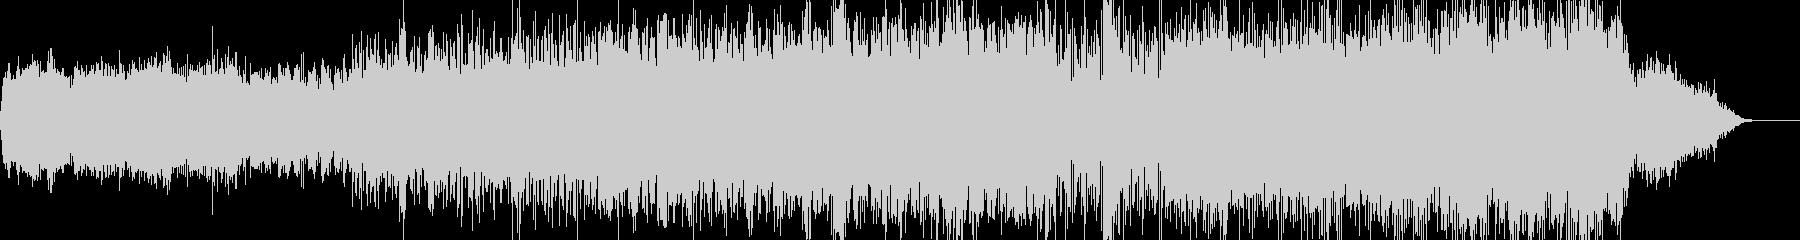 シネマティック風BGMの未再生の波形